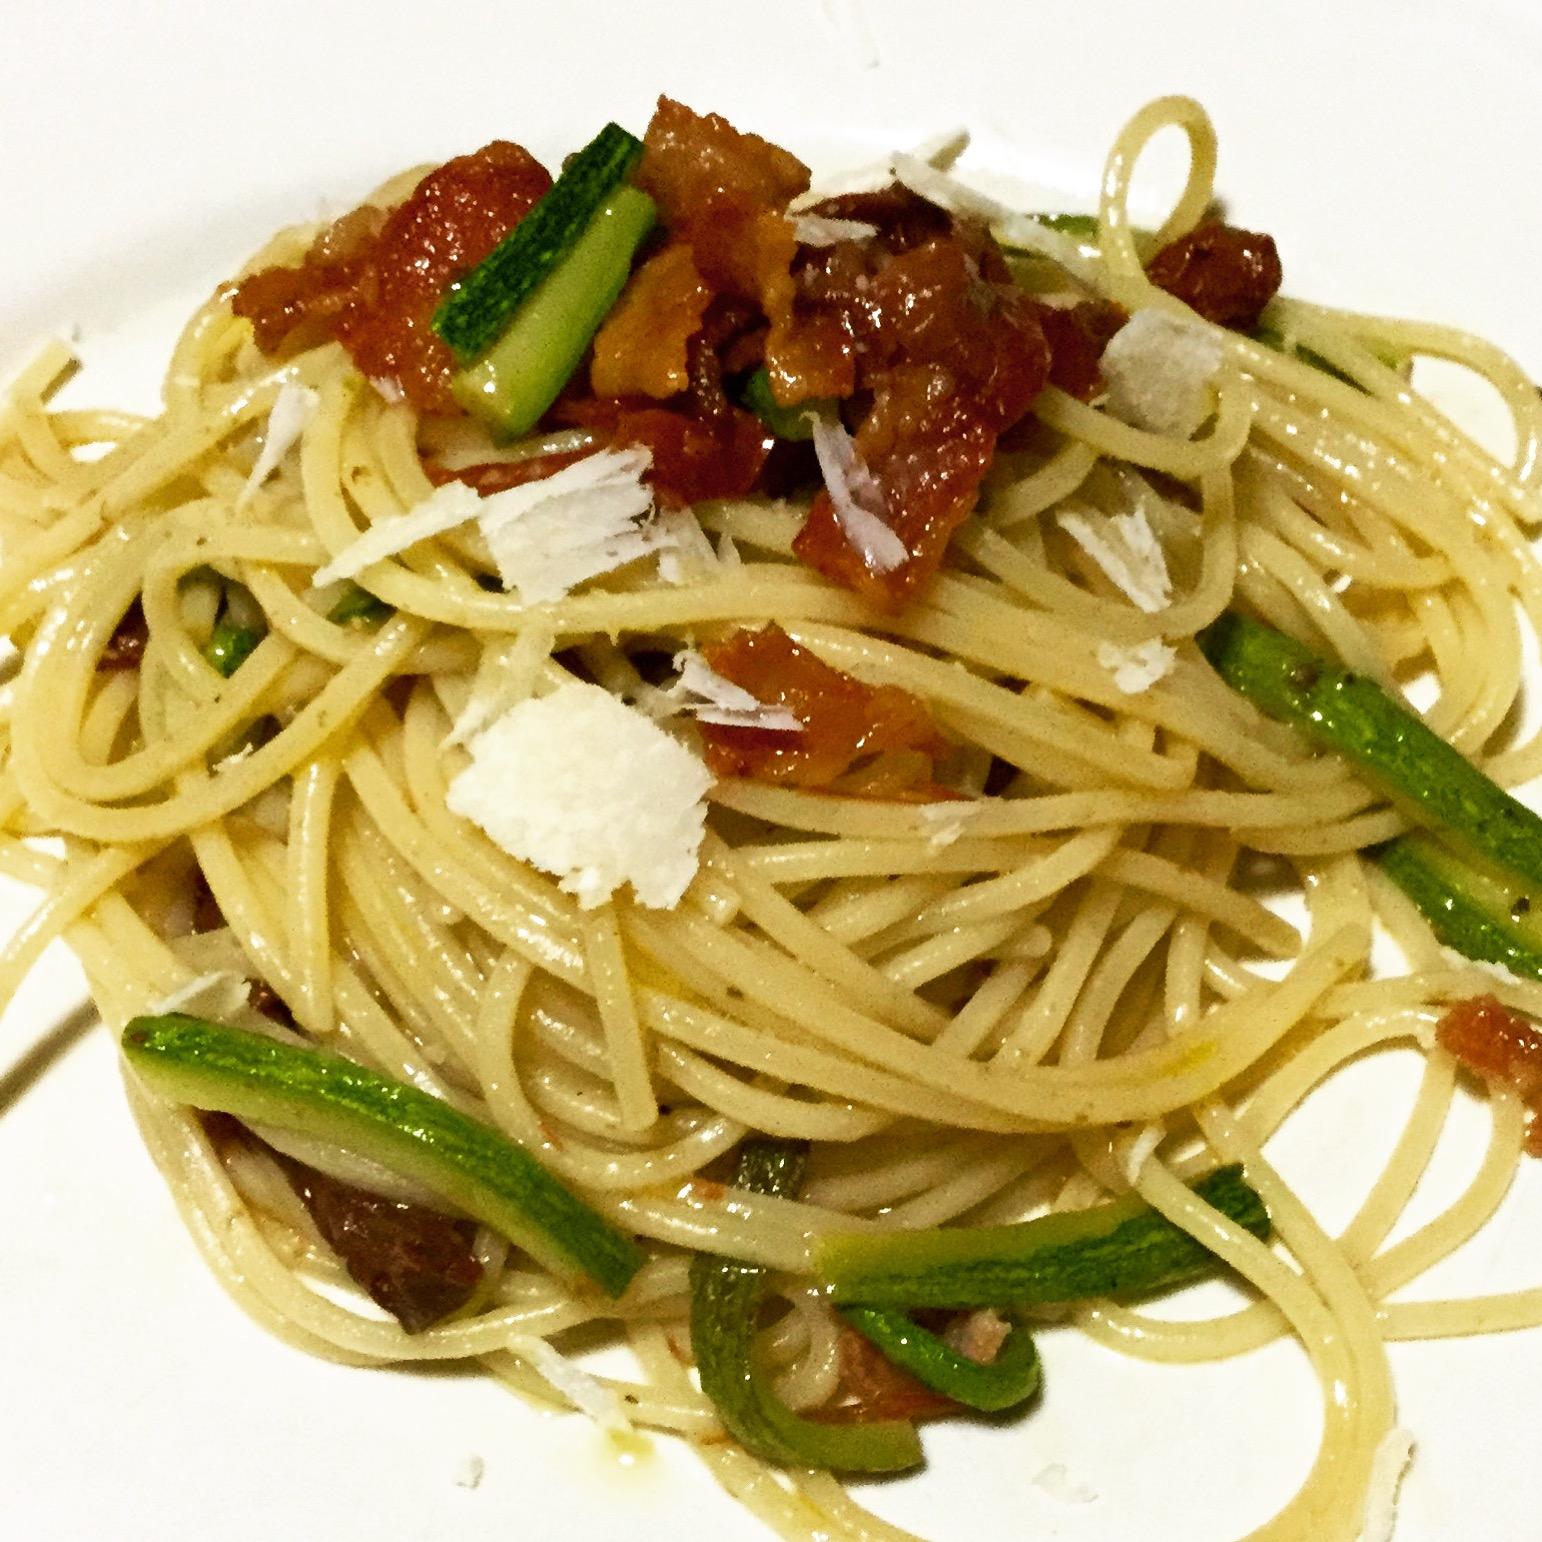 Spaghetti con zucchine, pomodori rossi secchi e guanciale croccante